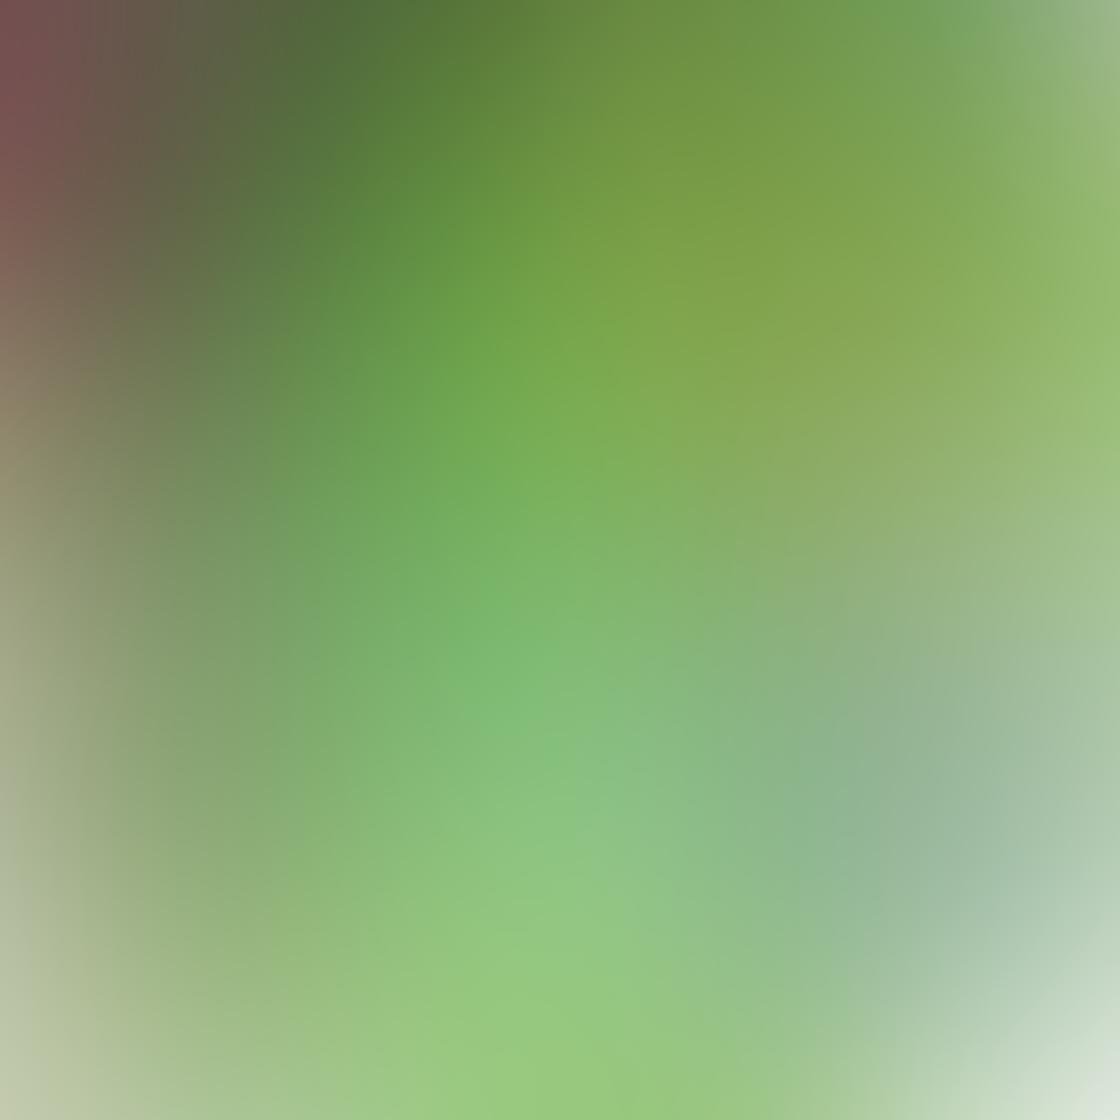 green_iphone_photos-03